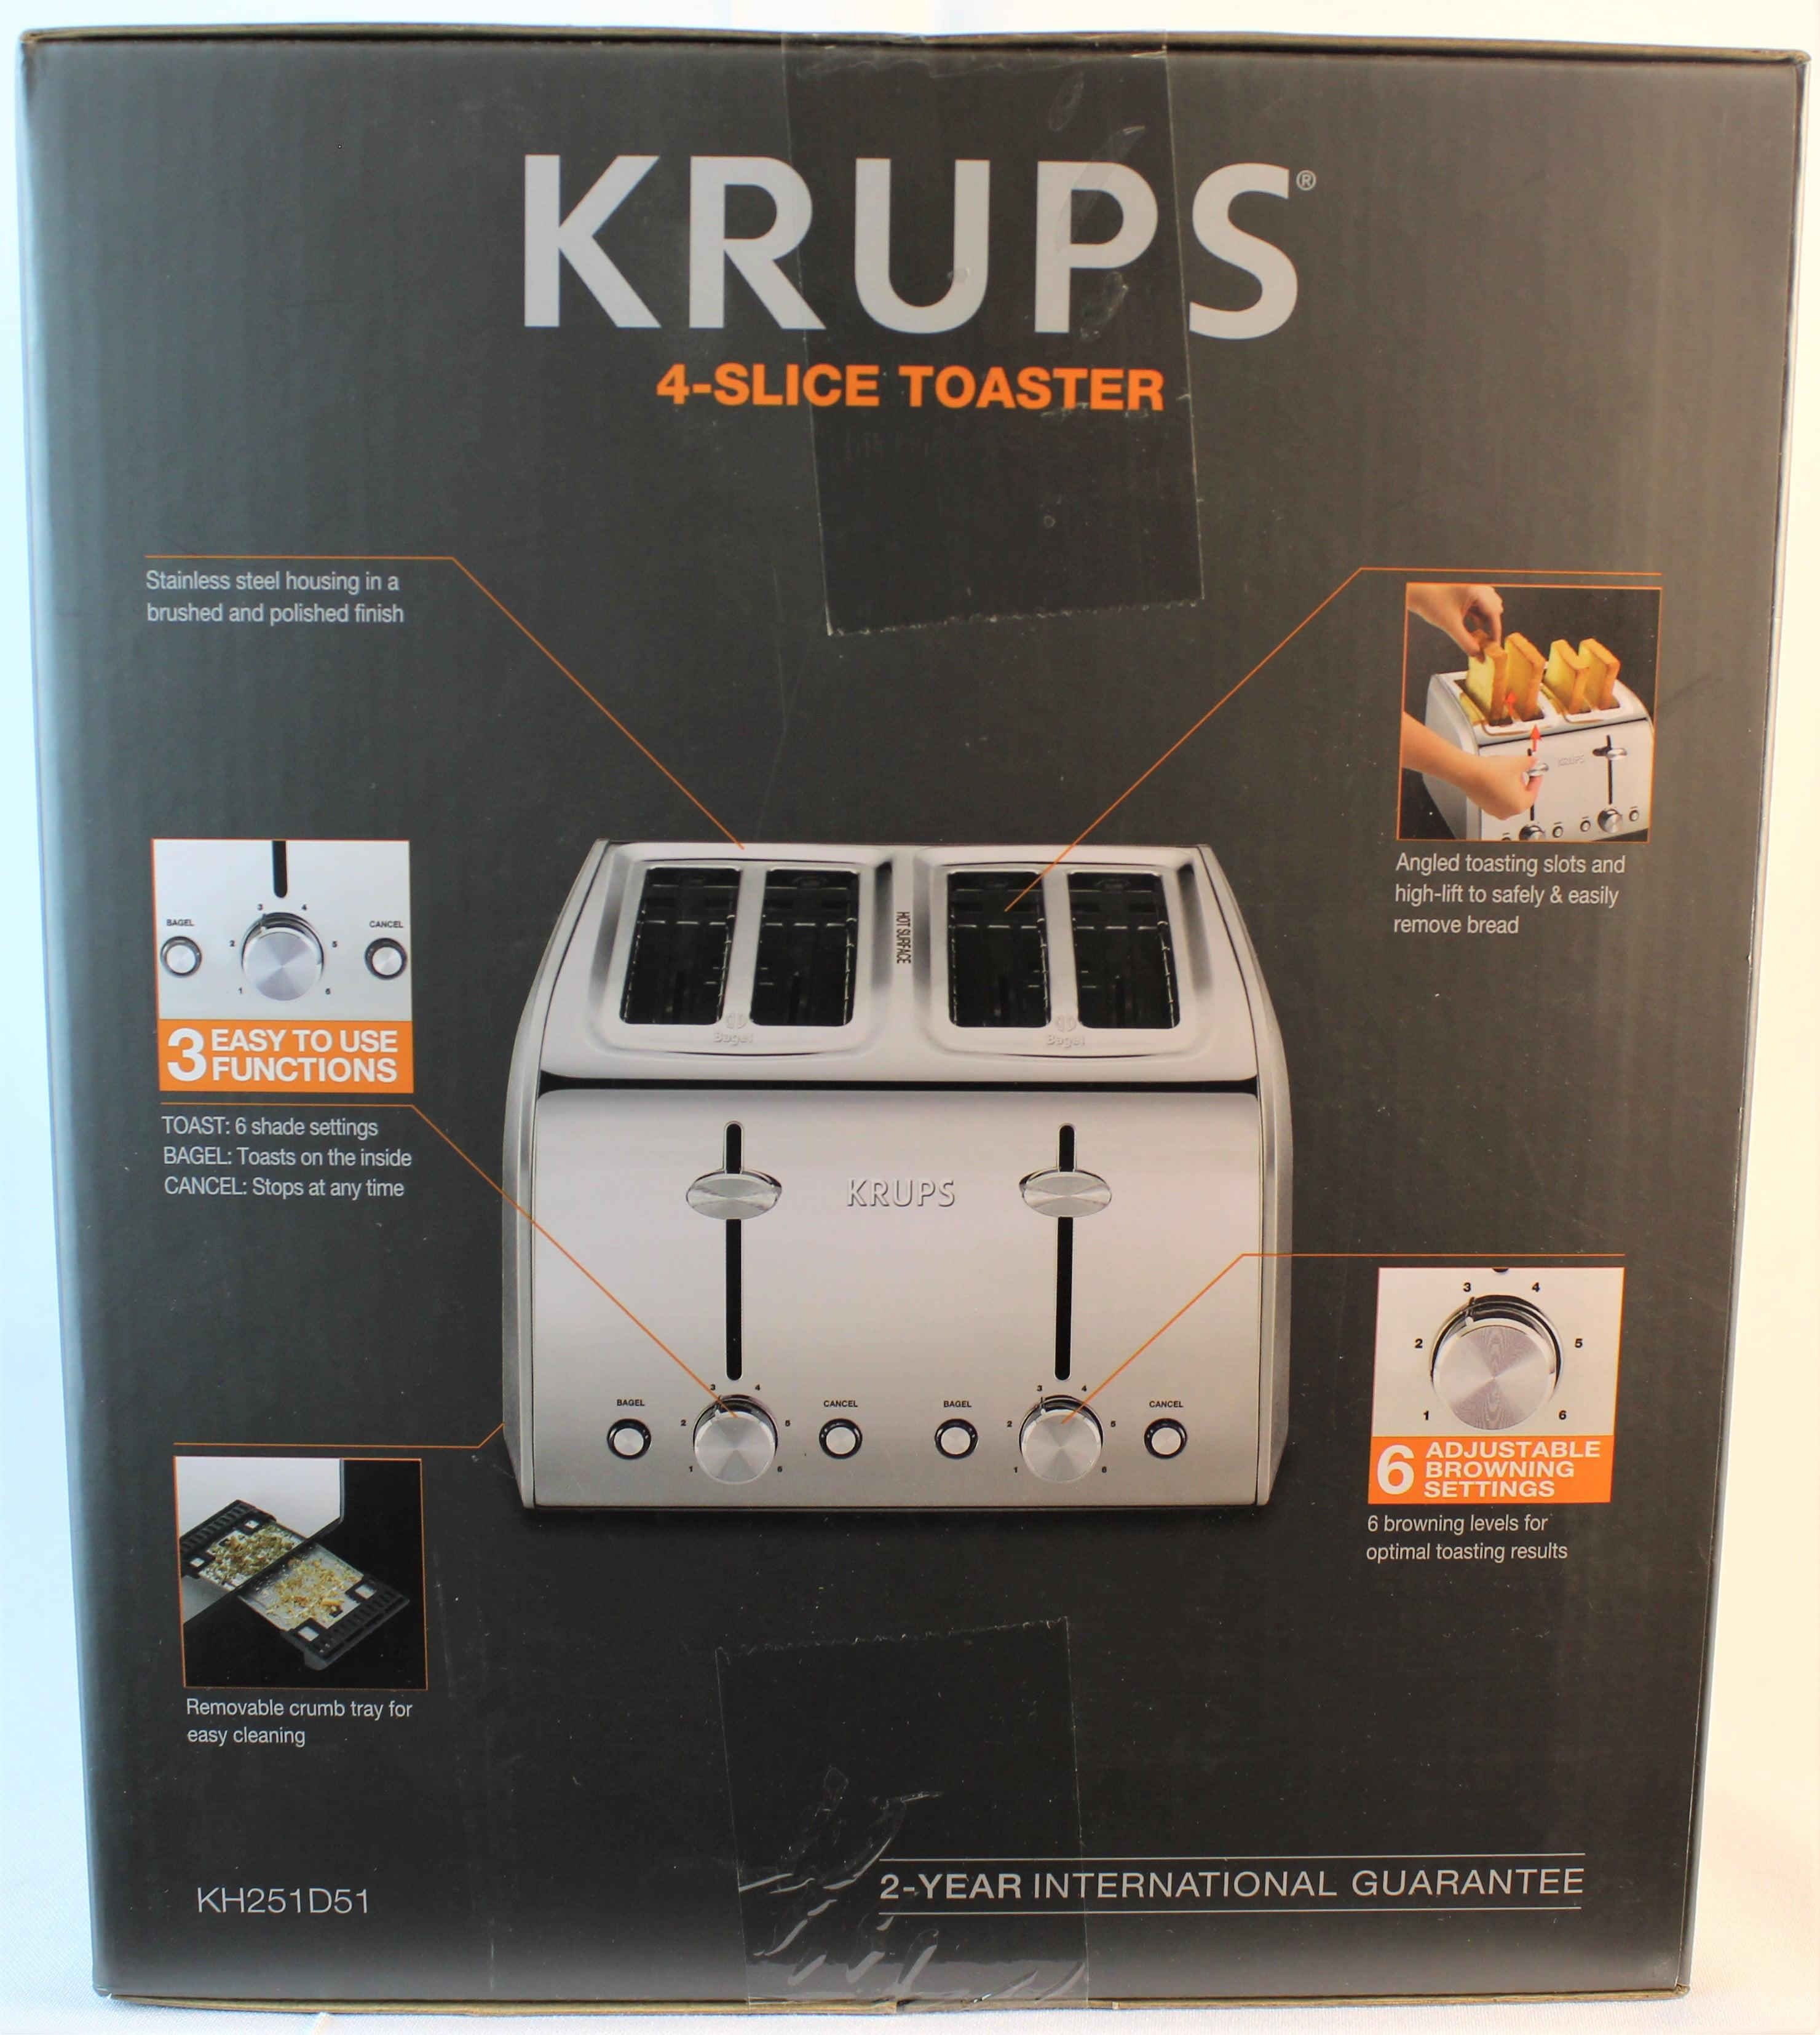 Krups KH251D51 4-Slice Toaster